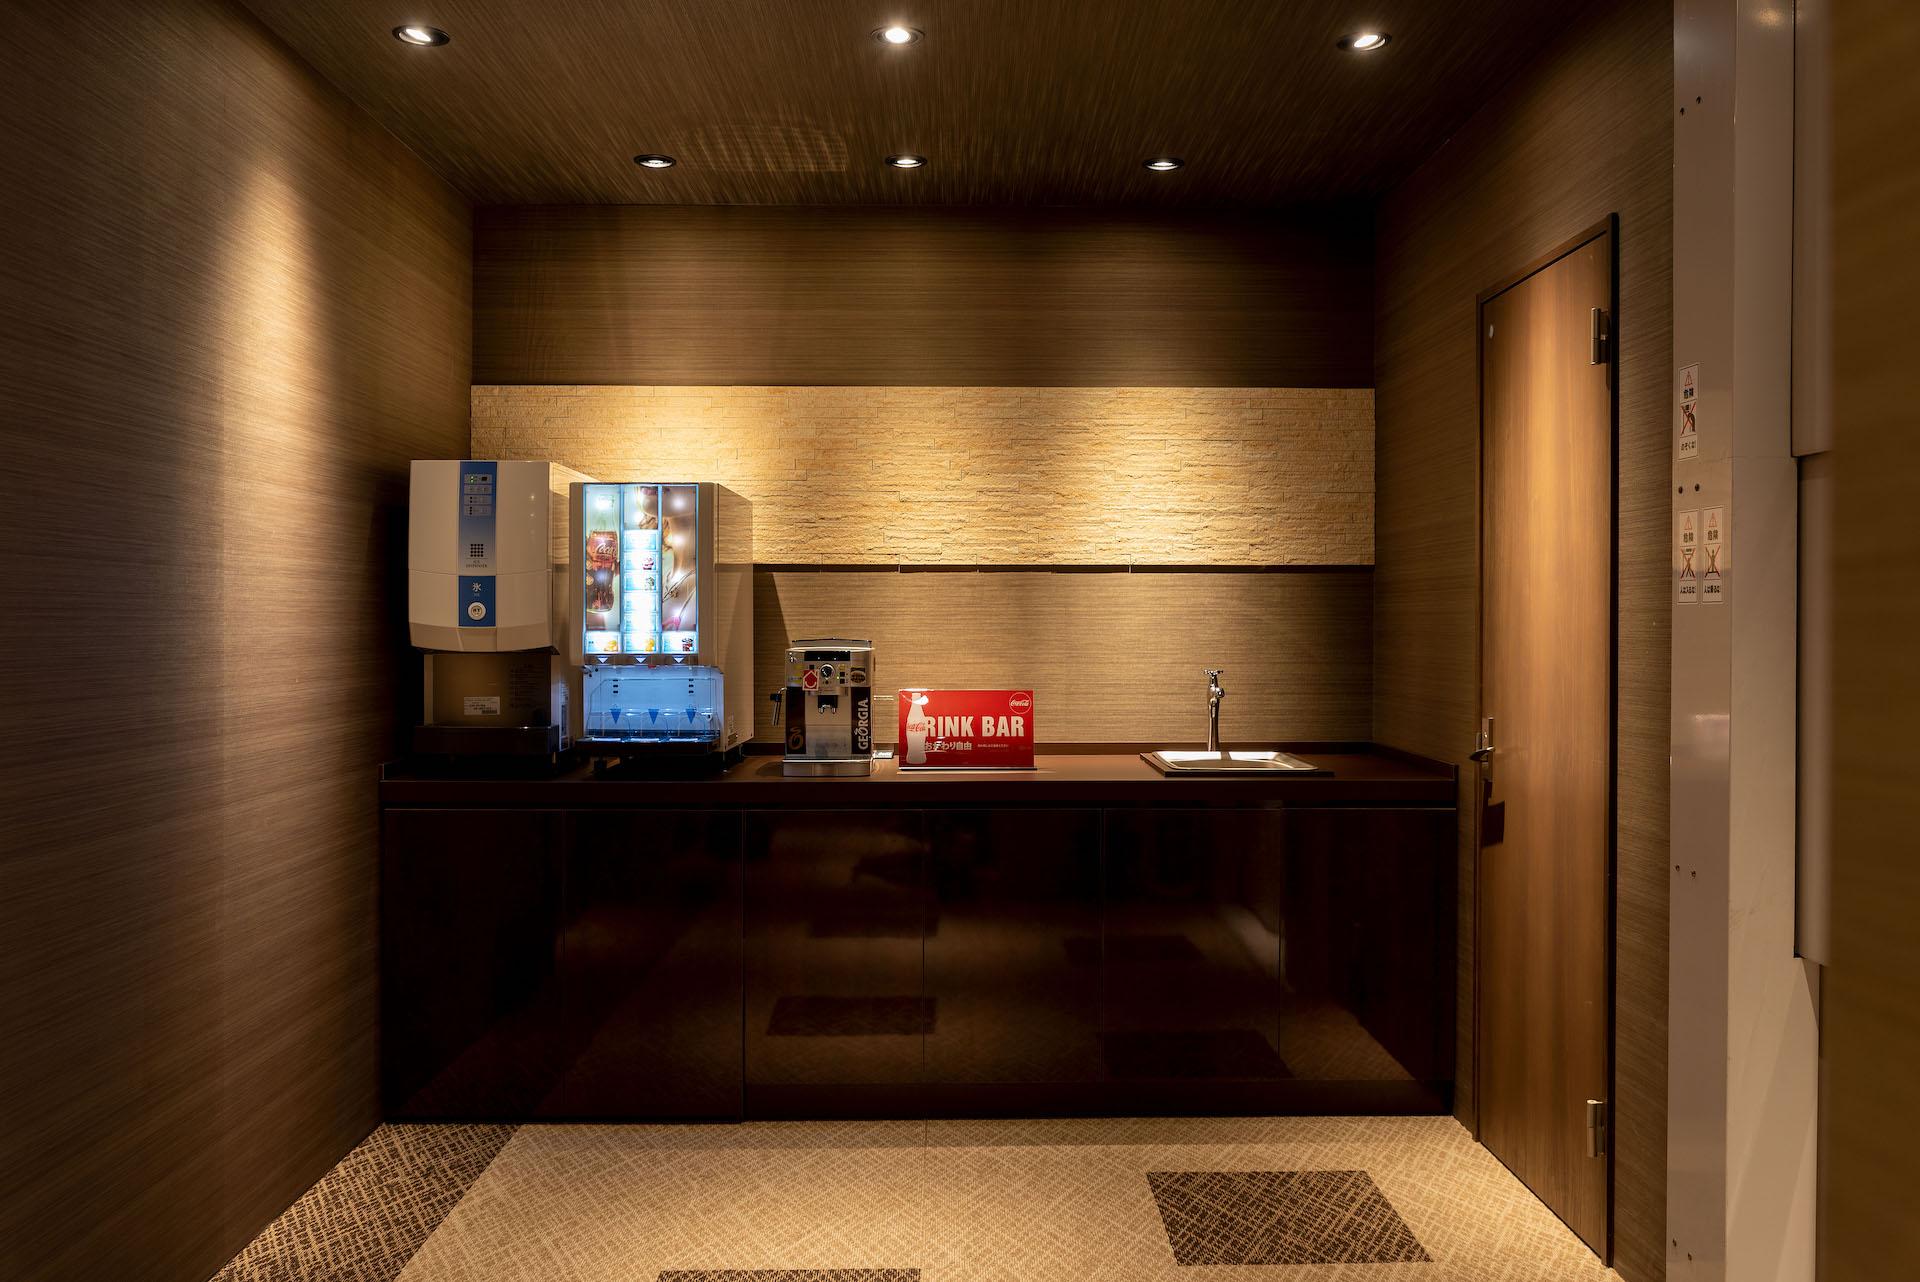 irohaco (アヴァンス)【駿東郡清水町堂庭241-22・モデルハウス】3階にあるセルフドリンクバー(無料)。リラックスして打ち合わせができる